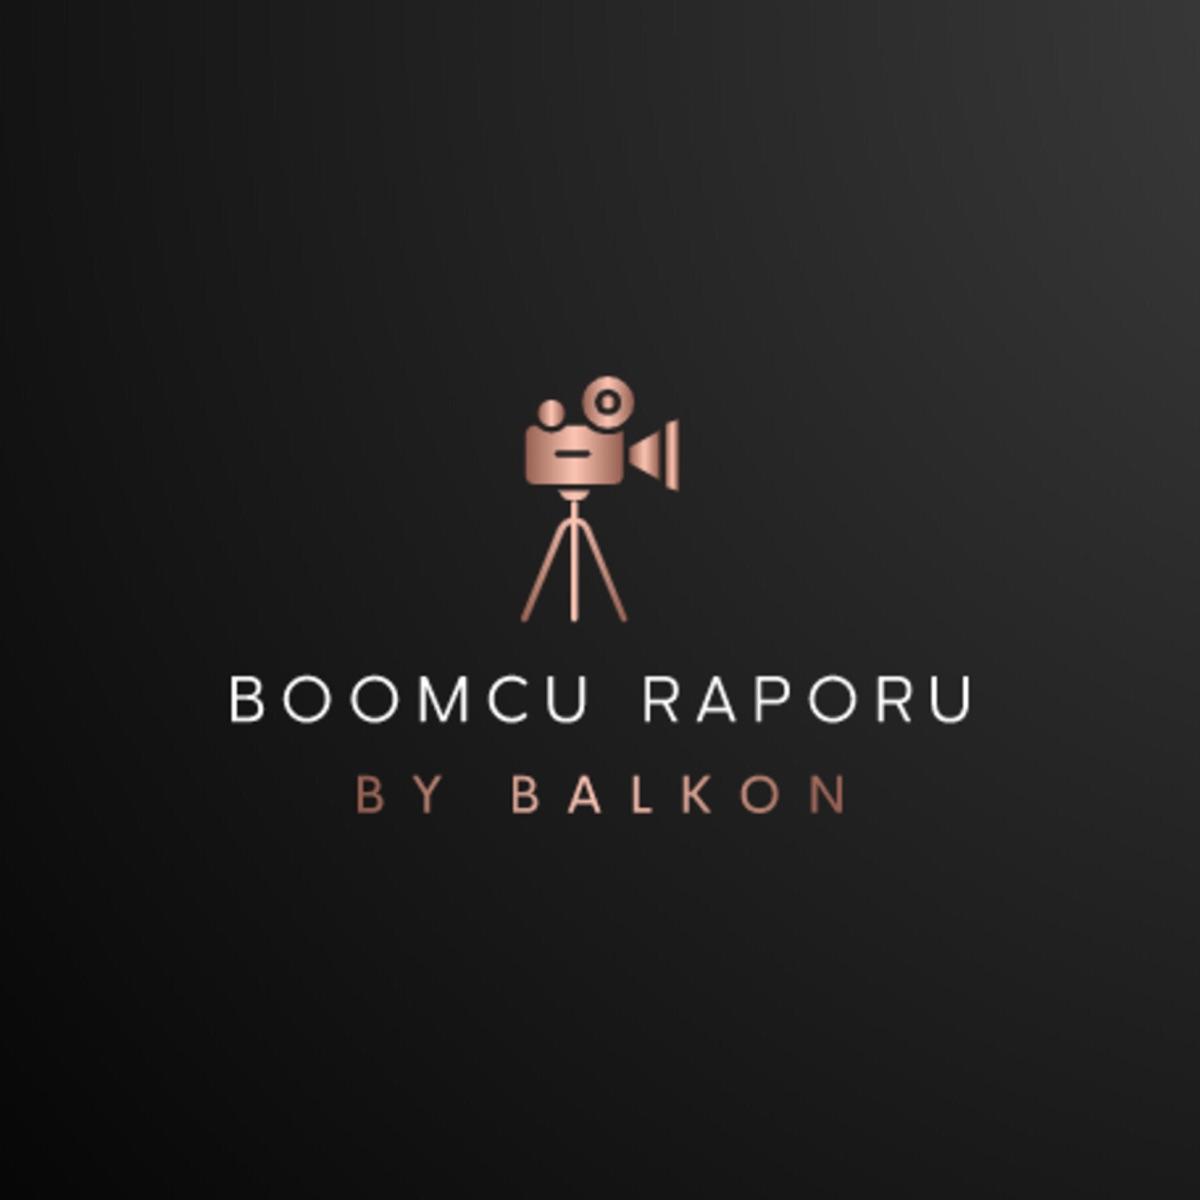 Boomcu Raporu